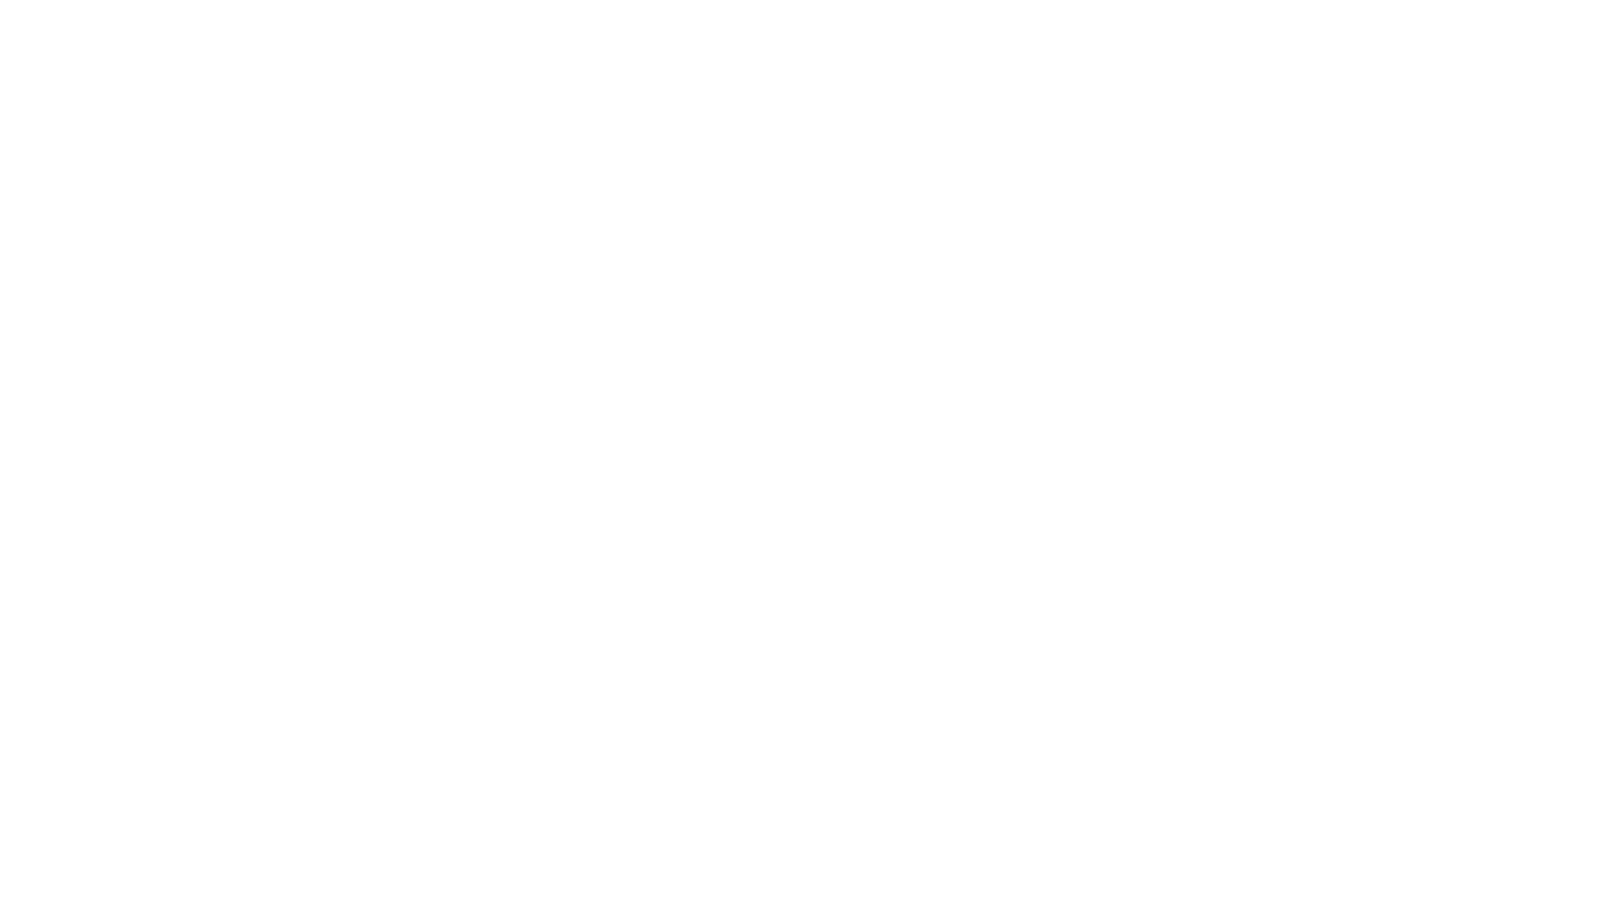 Heute mal etwas anderes. Das Team vom NDR hat meine Auszubildenden und mich in der Küche besucht und geschaut, wie die Ausbildung zum Koch während Corona-Zeiten trotzdem funktionieren kann.  Mir liegt es sehr am Herzen, unseren Nachwuchs-Köchen trotz der schwierigen Bedienungen eine gute Ausbildung zu ermöglichen. Im Interview mit dem NDR erzähle ich, wie wir es im Patentkrug Oldenburg handhaben.  Viel Spaß beim Video!   Folge mir auf:  Facebook: https://de-de.facebook.com/pages/cate... Instagram: https://instagram.com/thorben_grubnau... Pinterest: https://pin.it/4ytOOCN Webseite: https://www.thorben-gruebnau.de